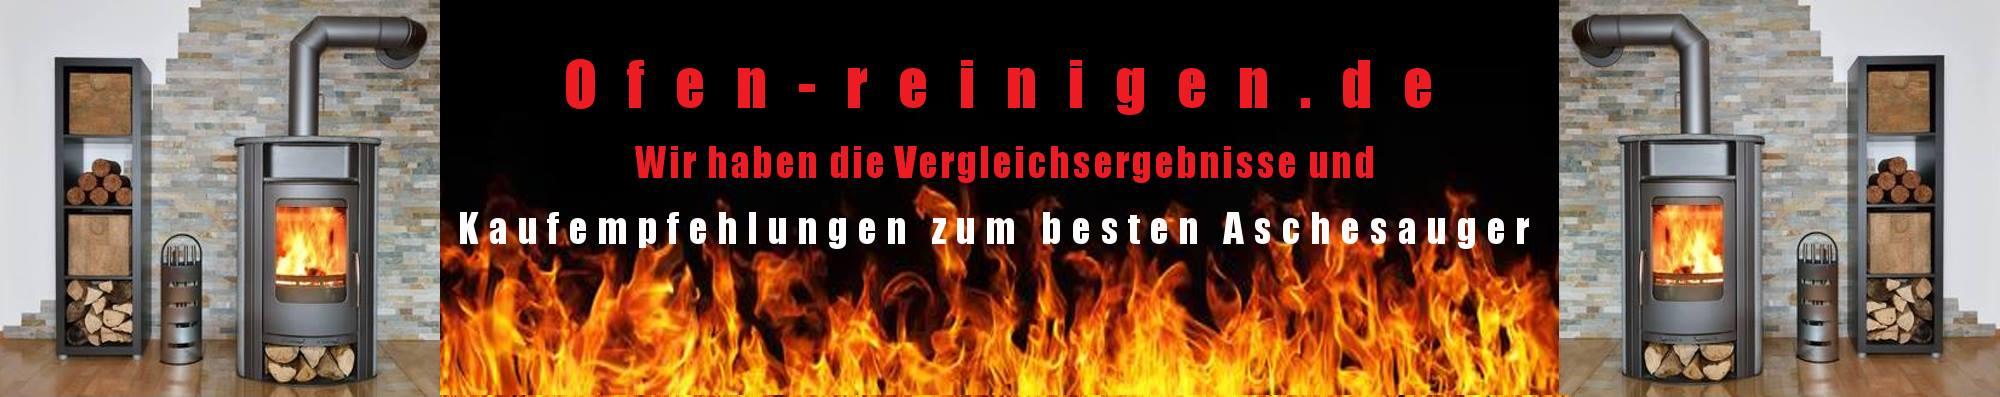 ofen-reinigen.de